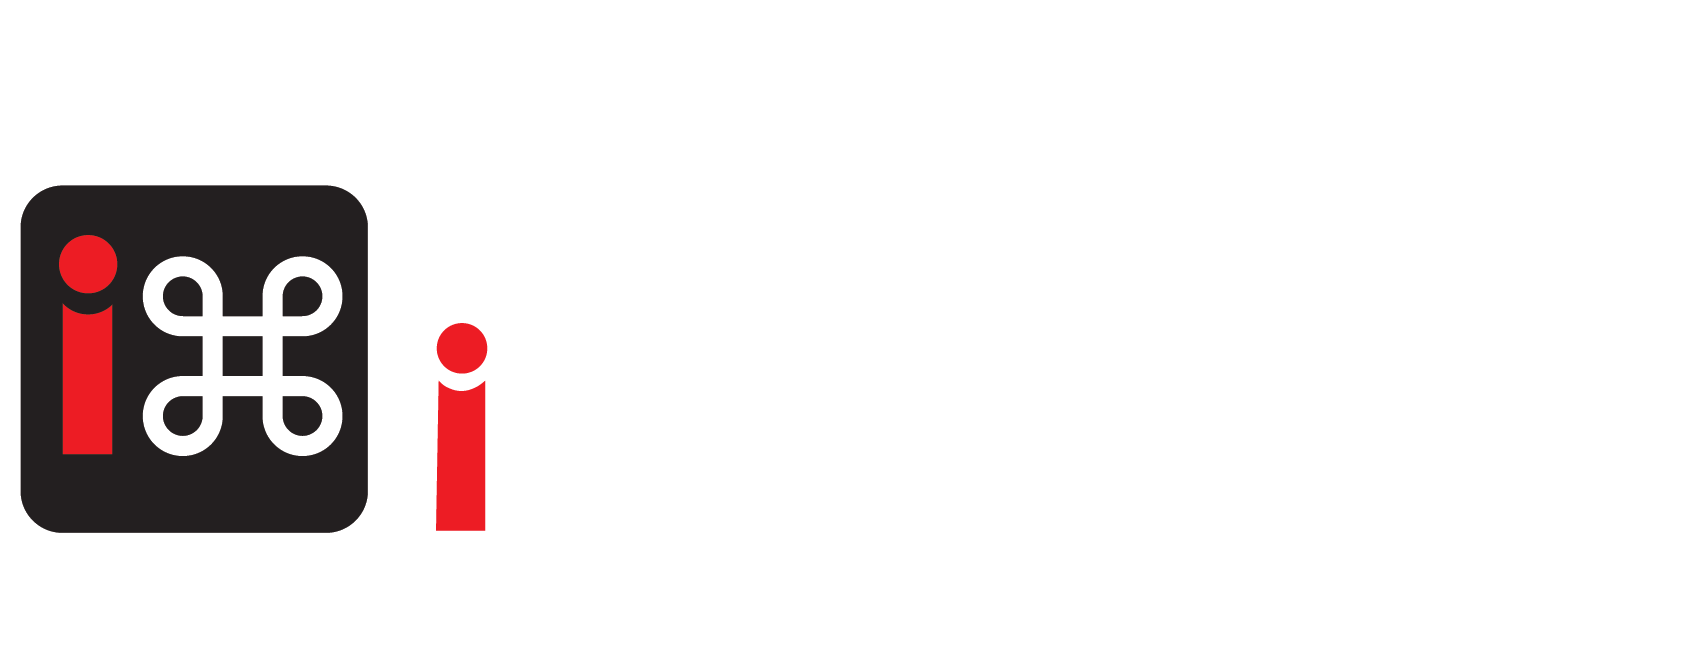 iCommand